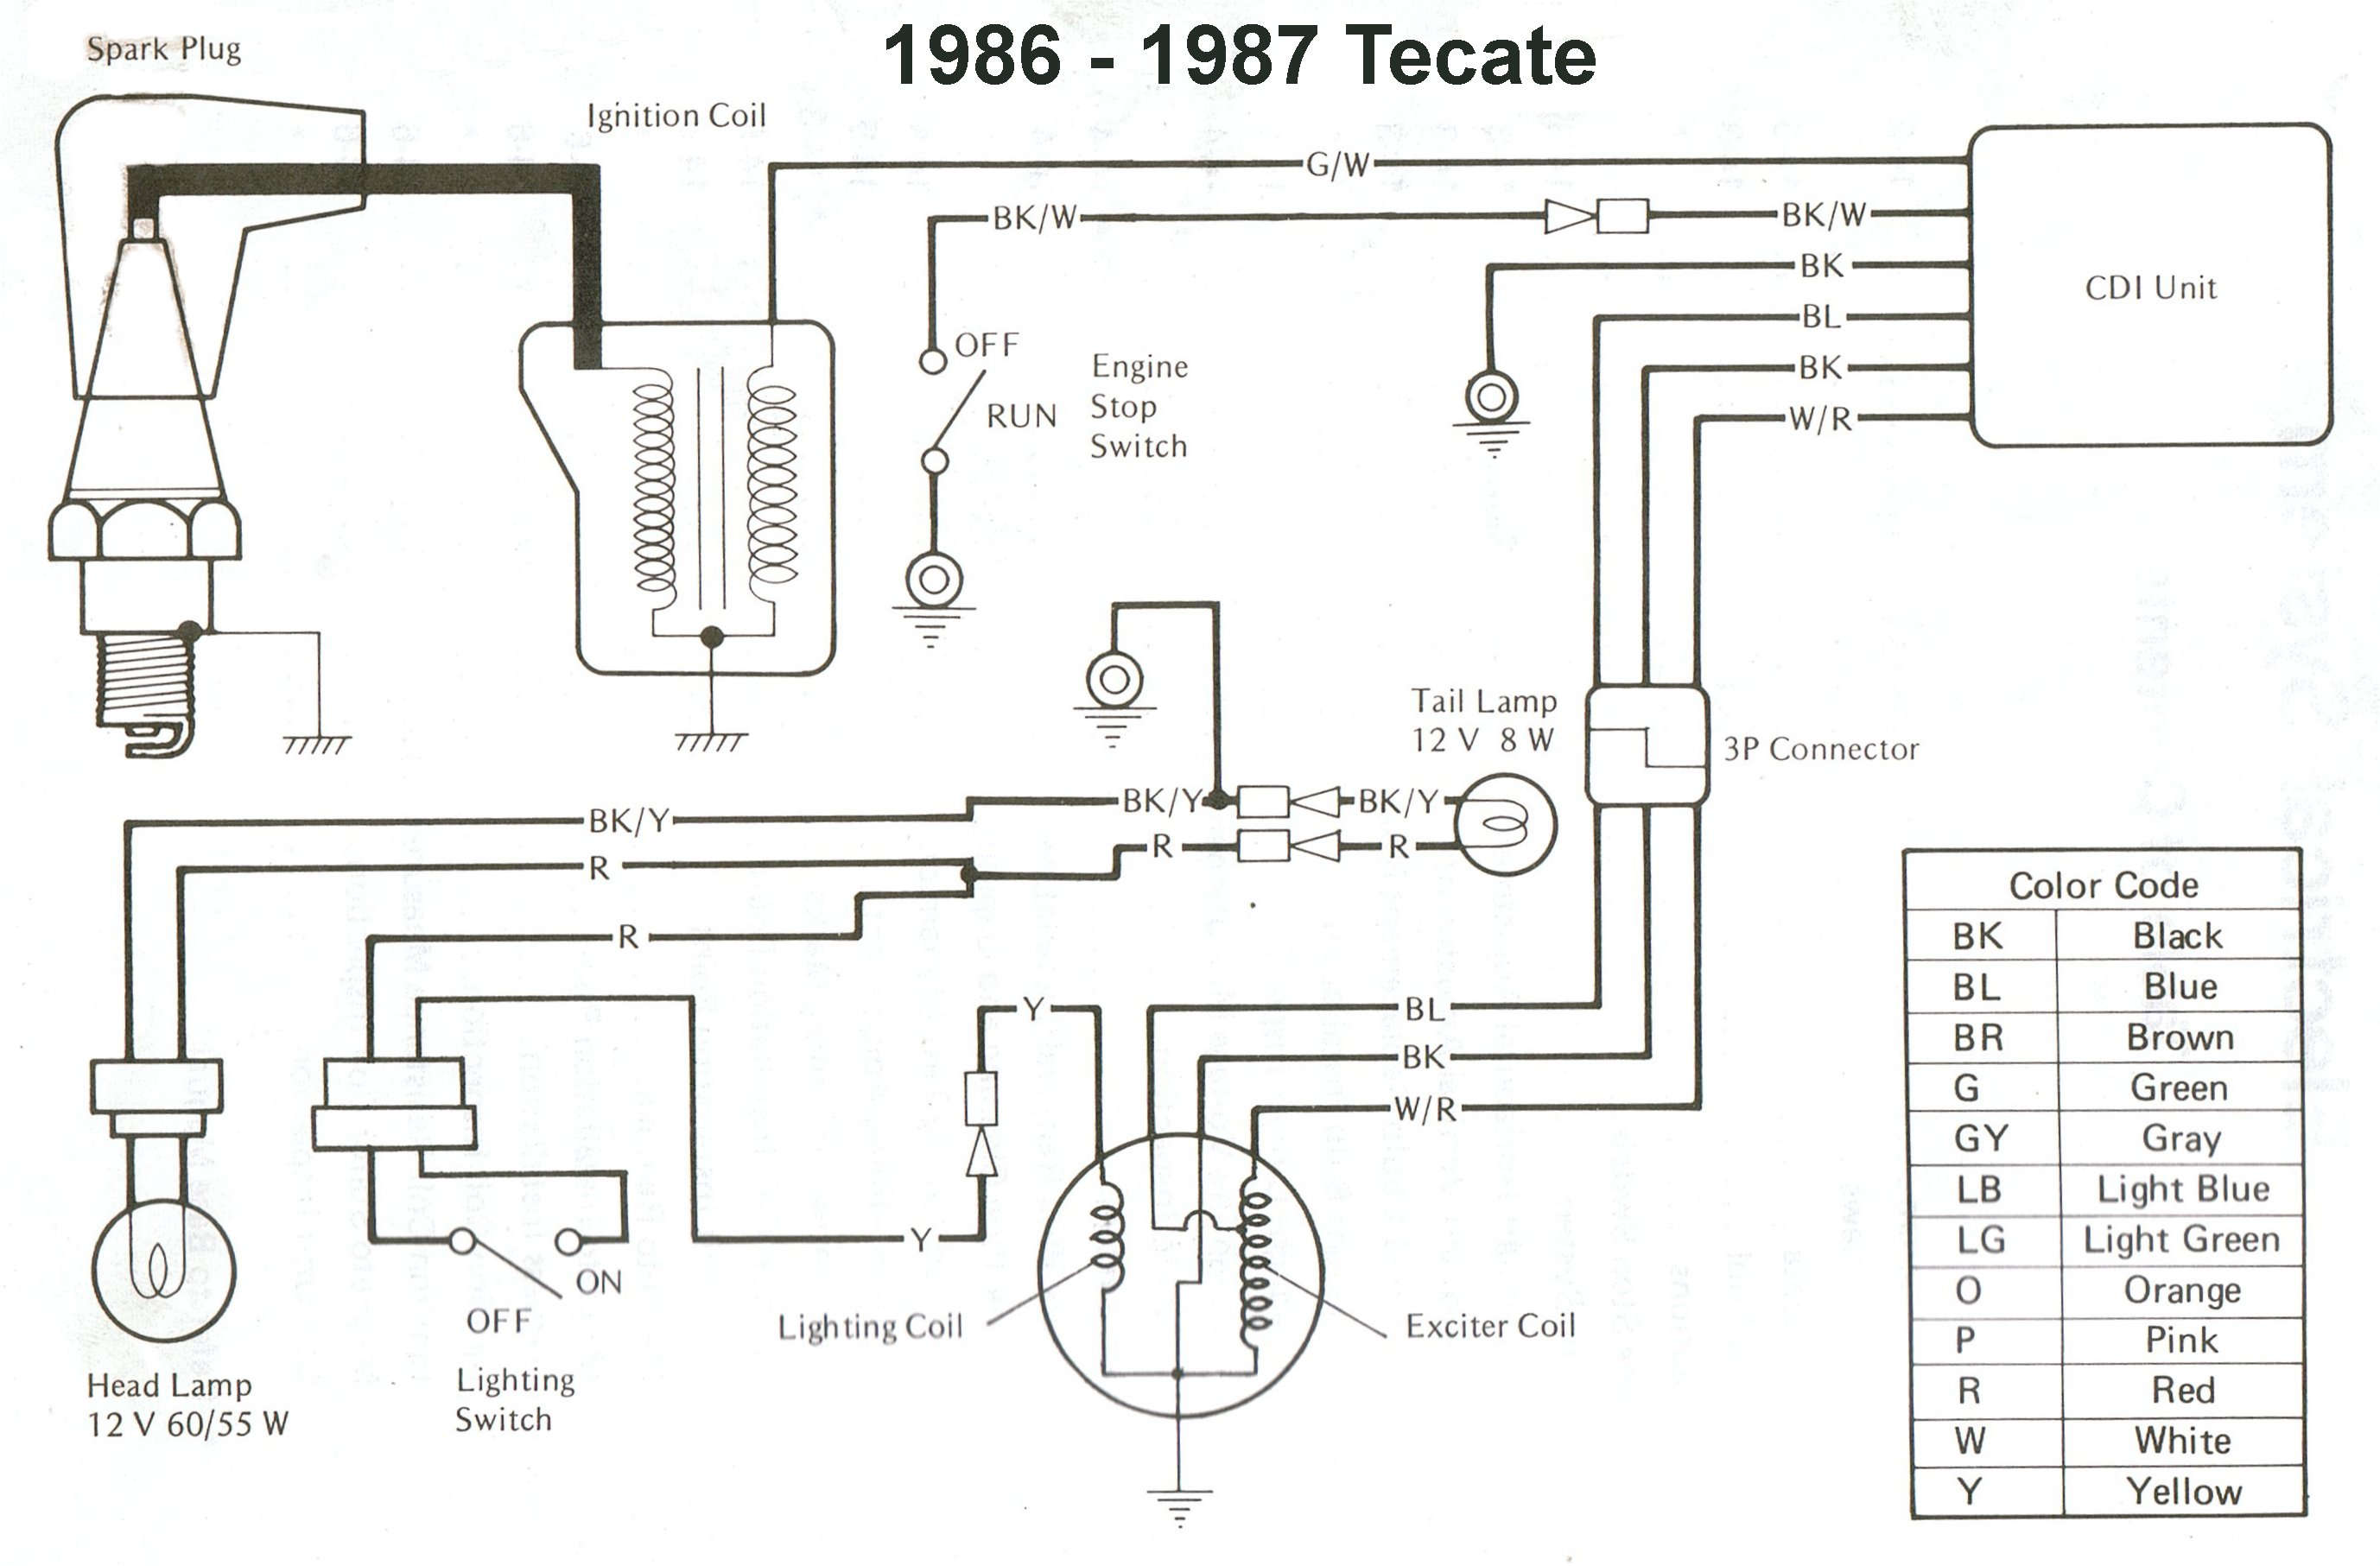 crf450r wiring diagram wiring library rh 78 film orlando org 2002 crf450r wiring diagram 2014 crf450r wiring diagram